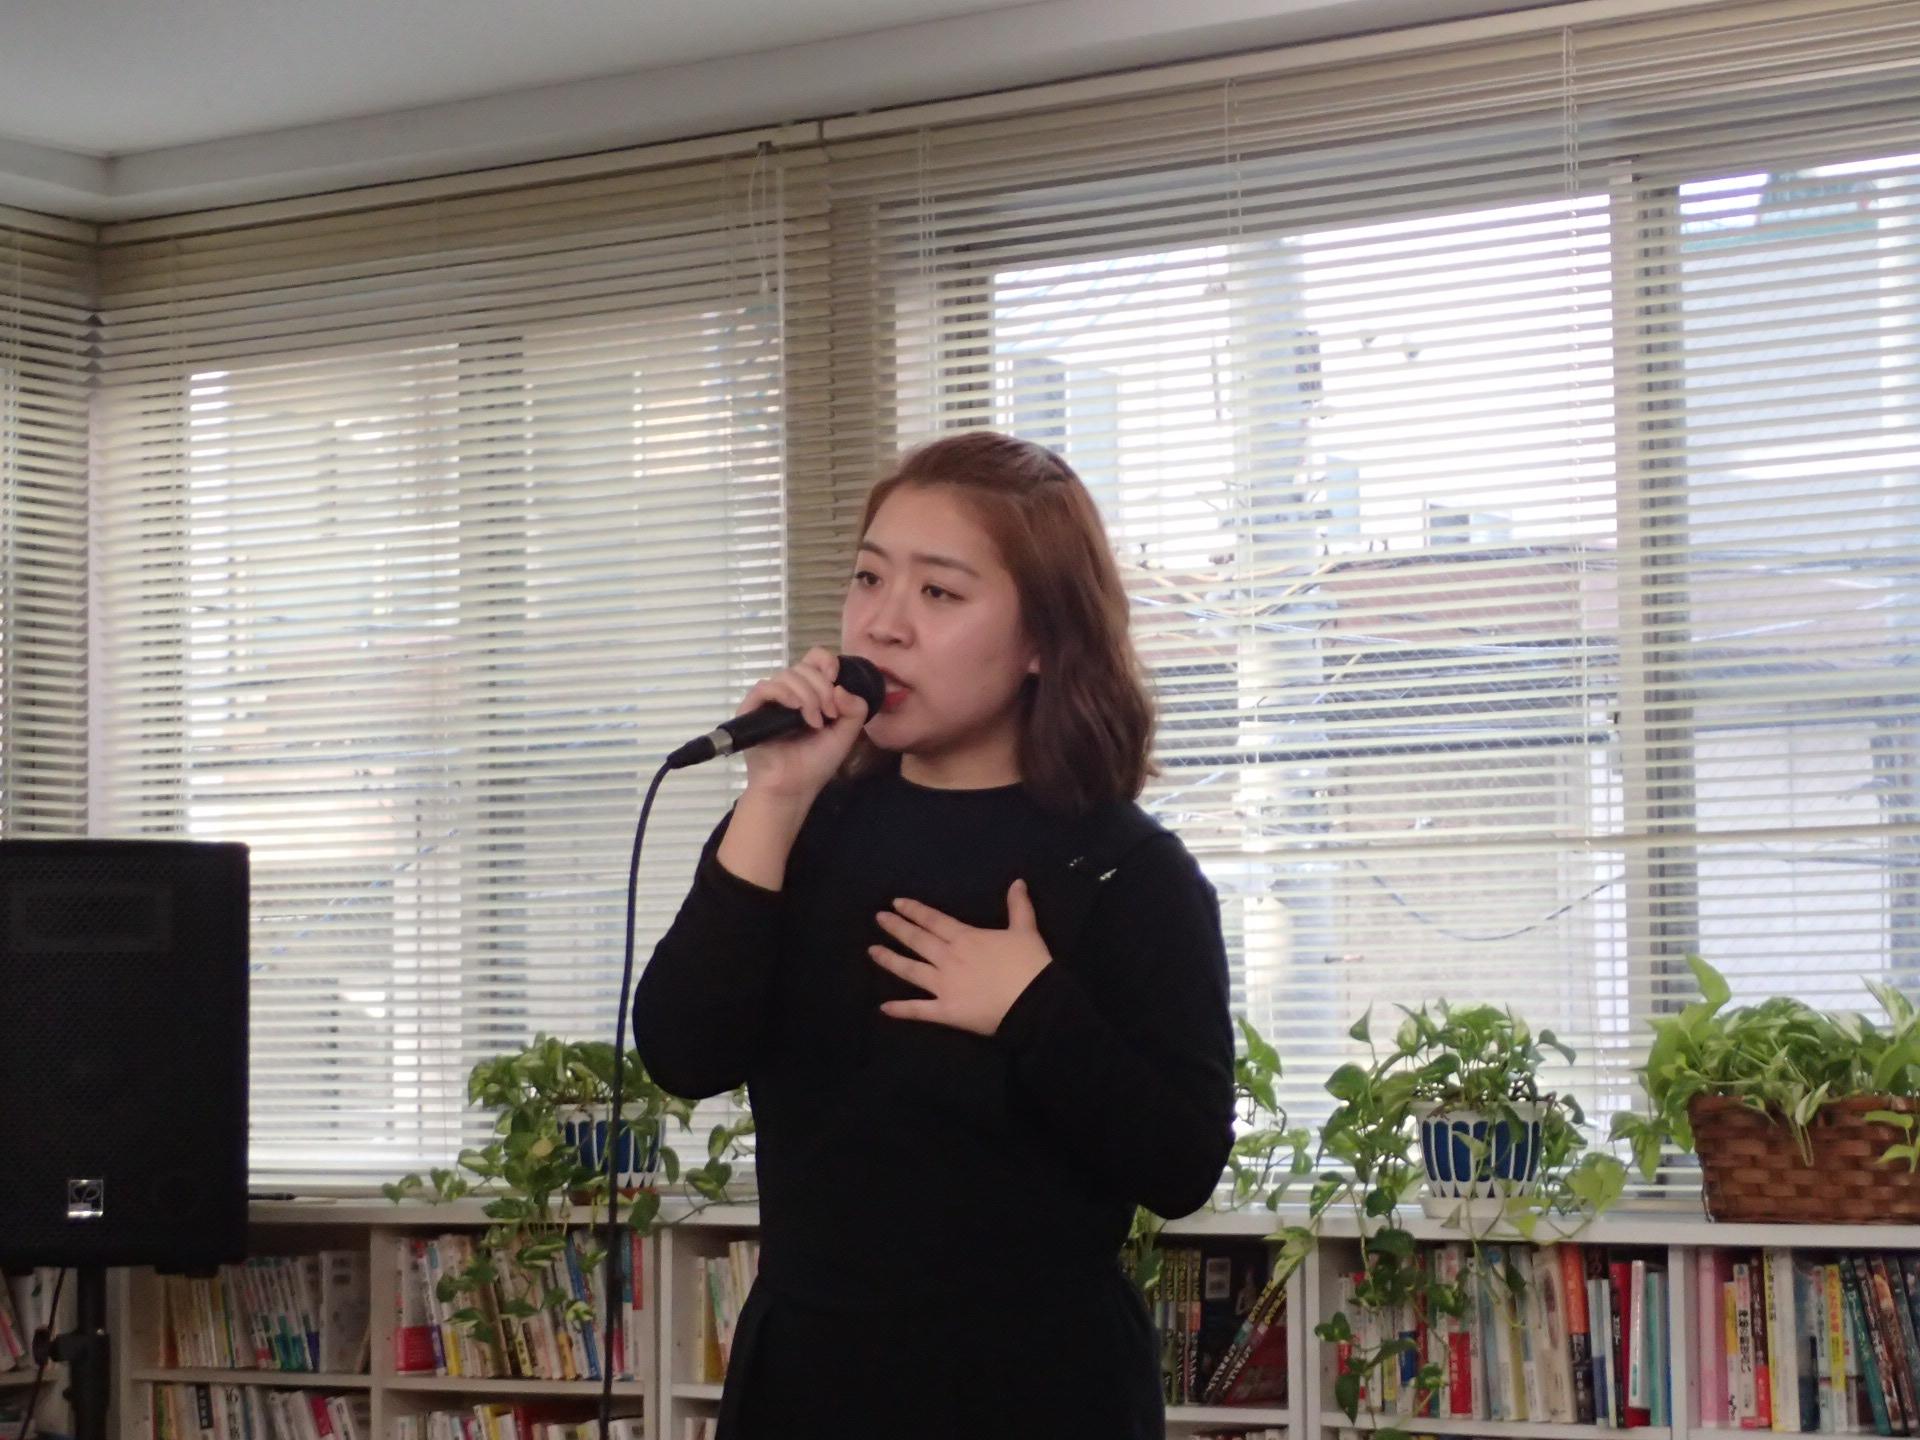 心込めて歌ったり、、だいぶ自由に歌えるようになったよね〜〜〜♡